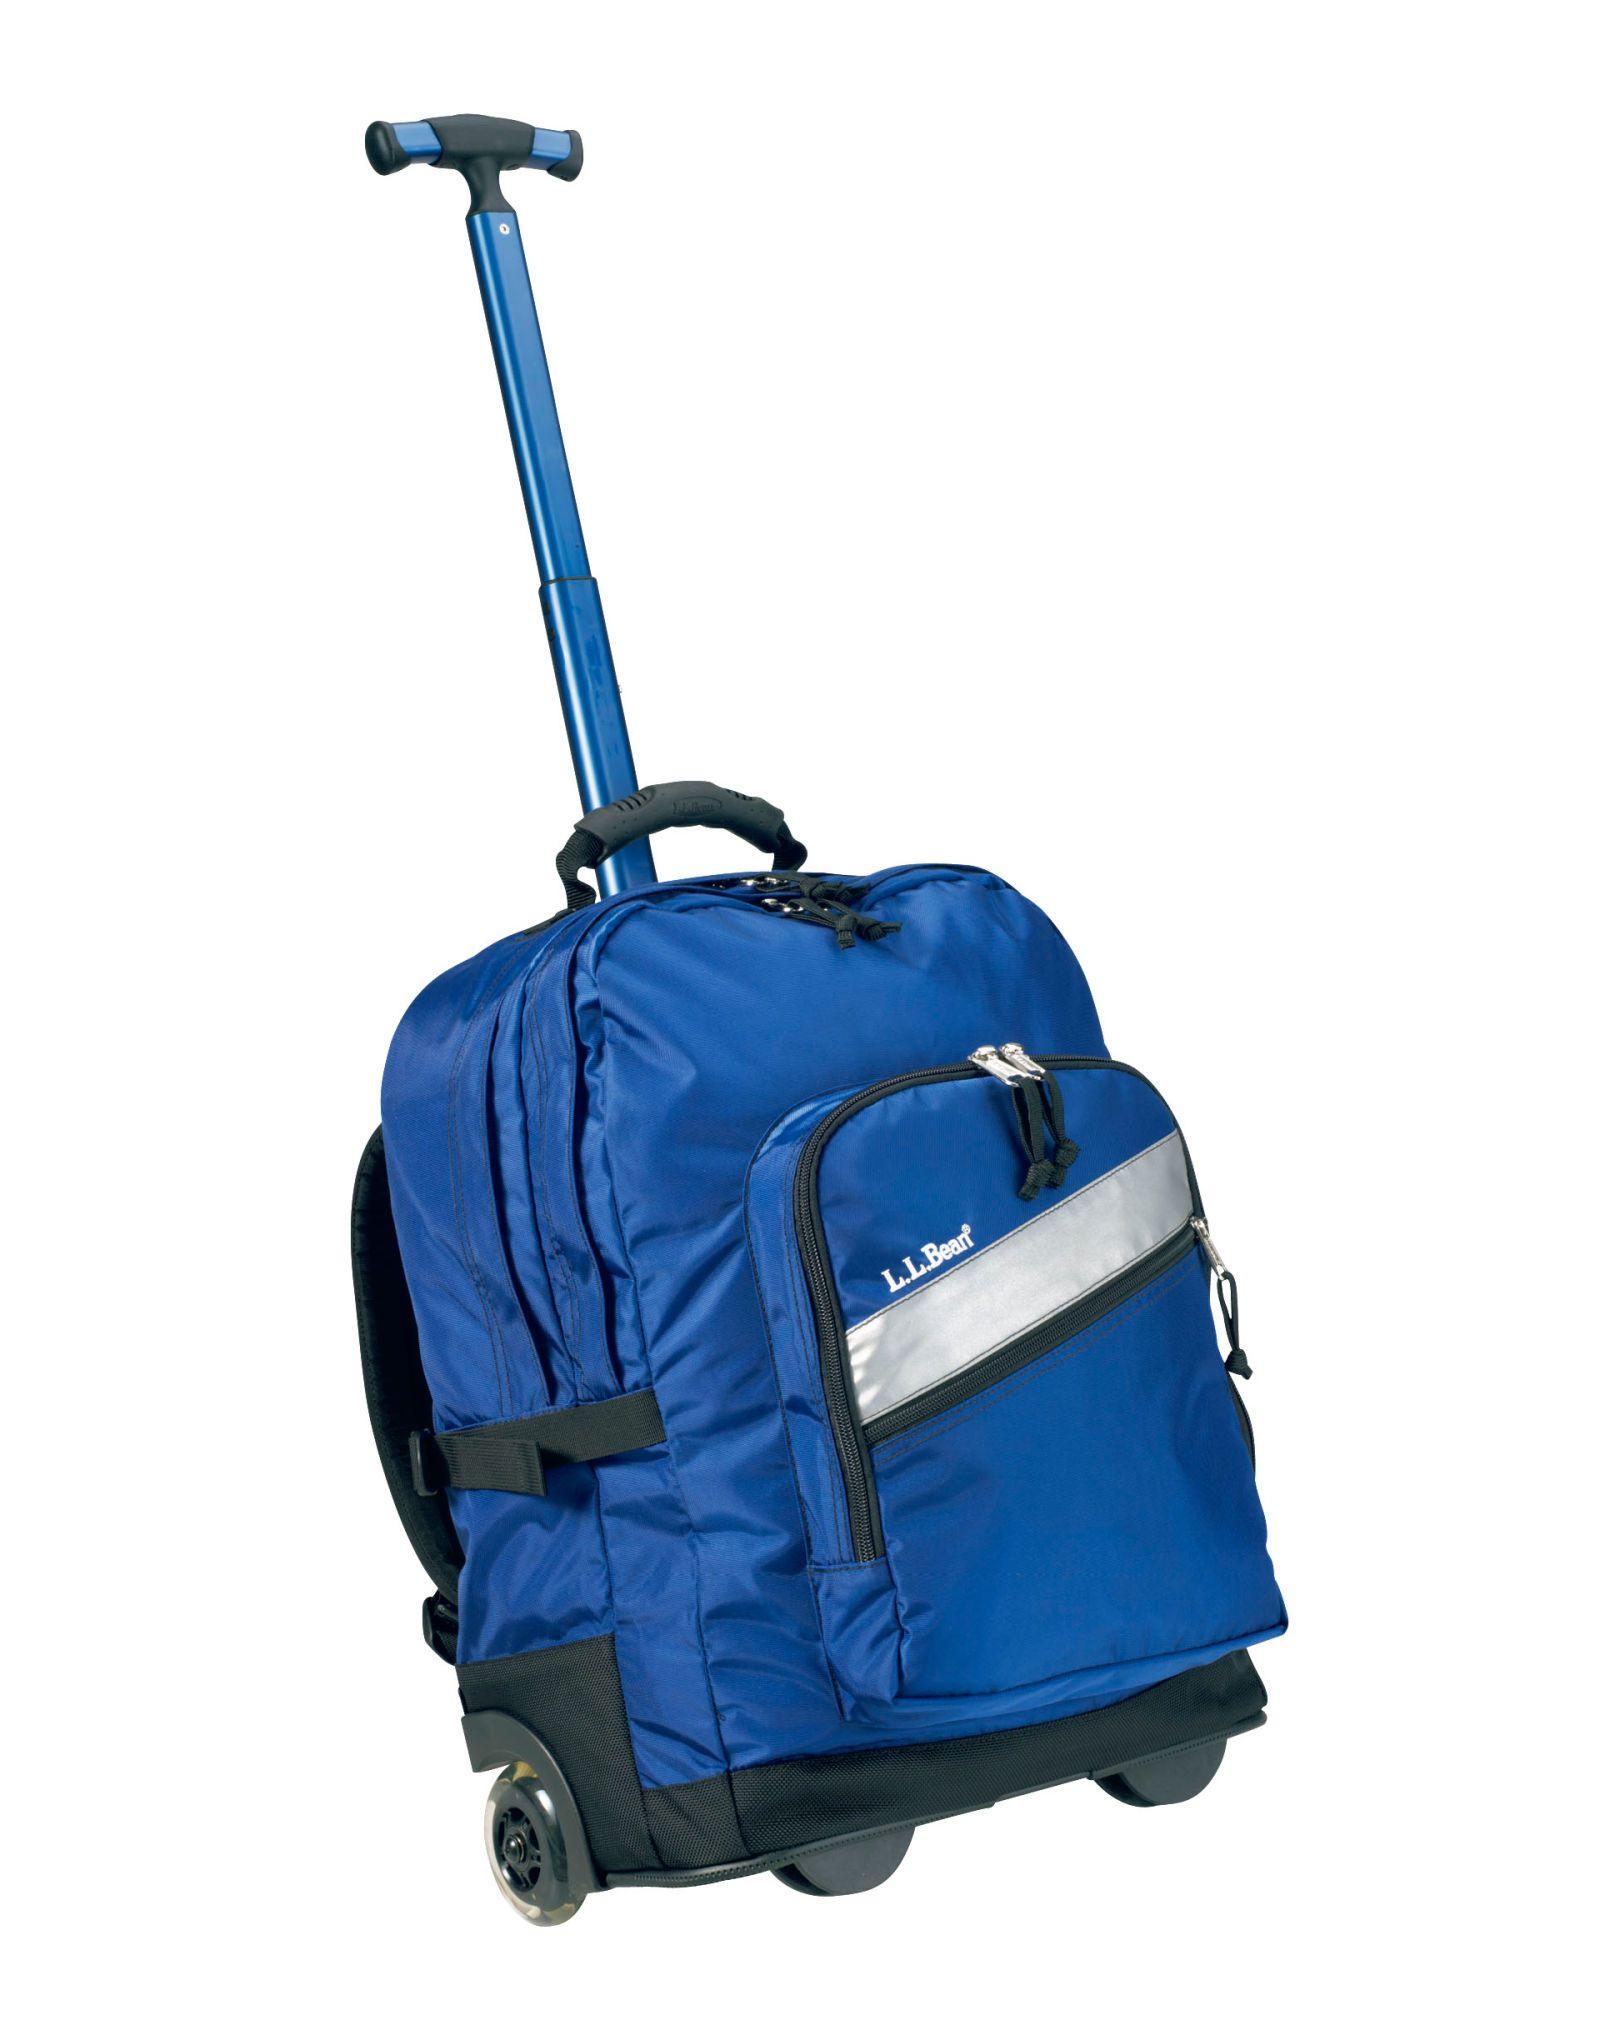 762ad4f769 High Sierra Freewheel Wheeled Book Bag Backpack- Fenix Toulouse Handball